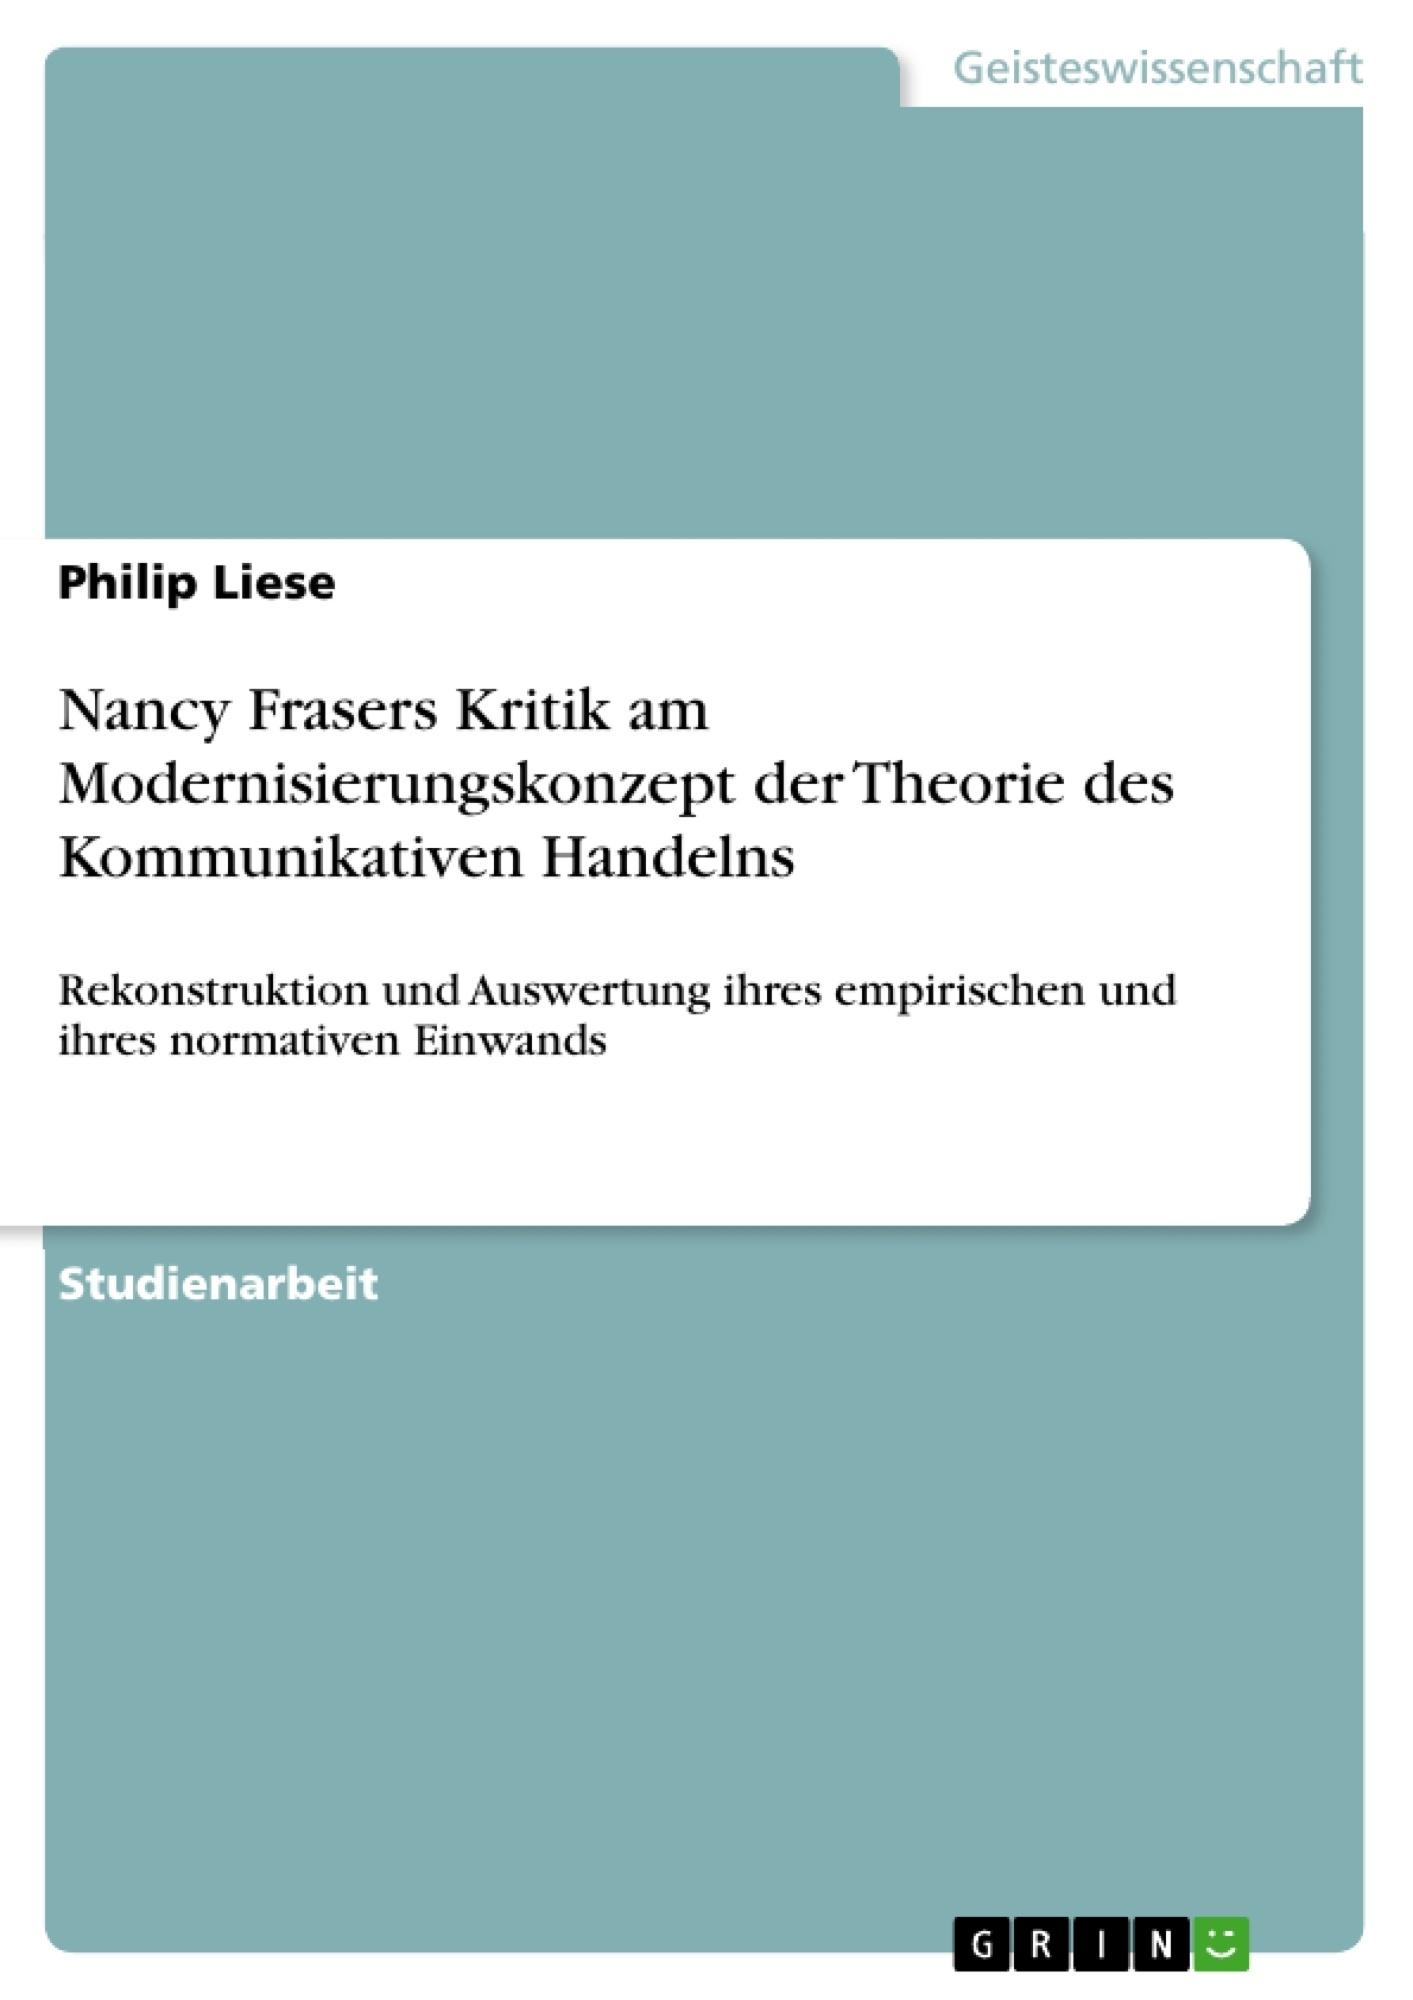 Titel: Nancy Frasers Kritik am Modernisierungskonzept der Theorie des Kommunikativen Handelns